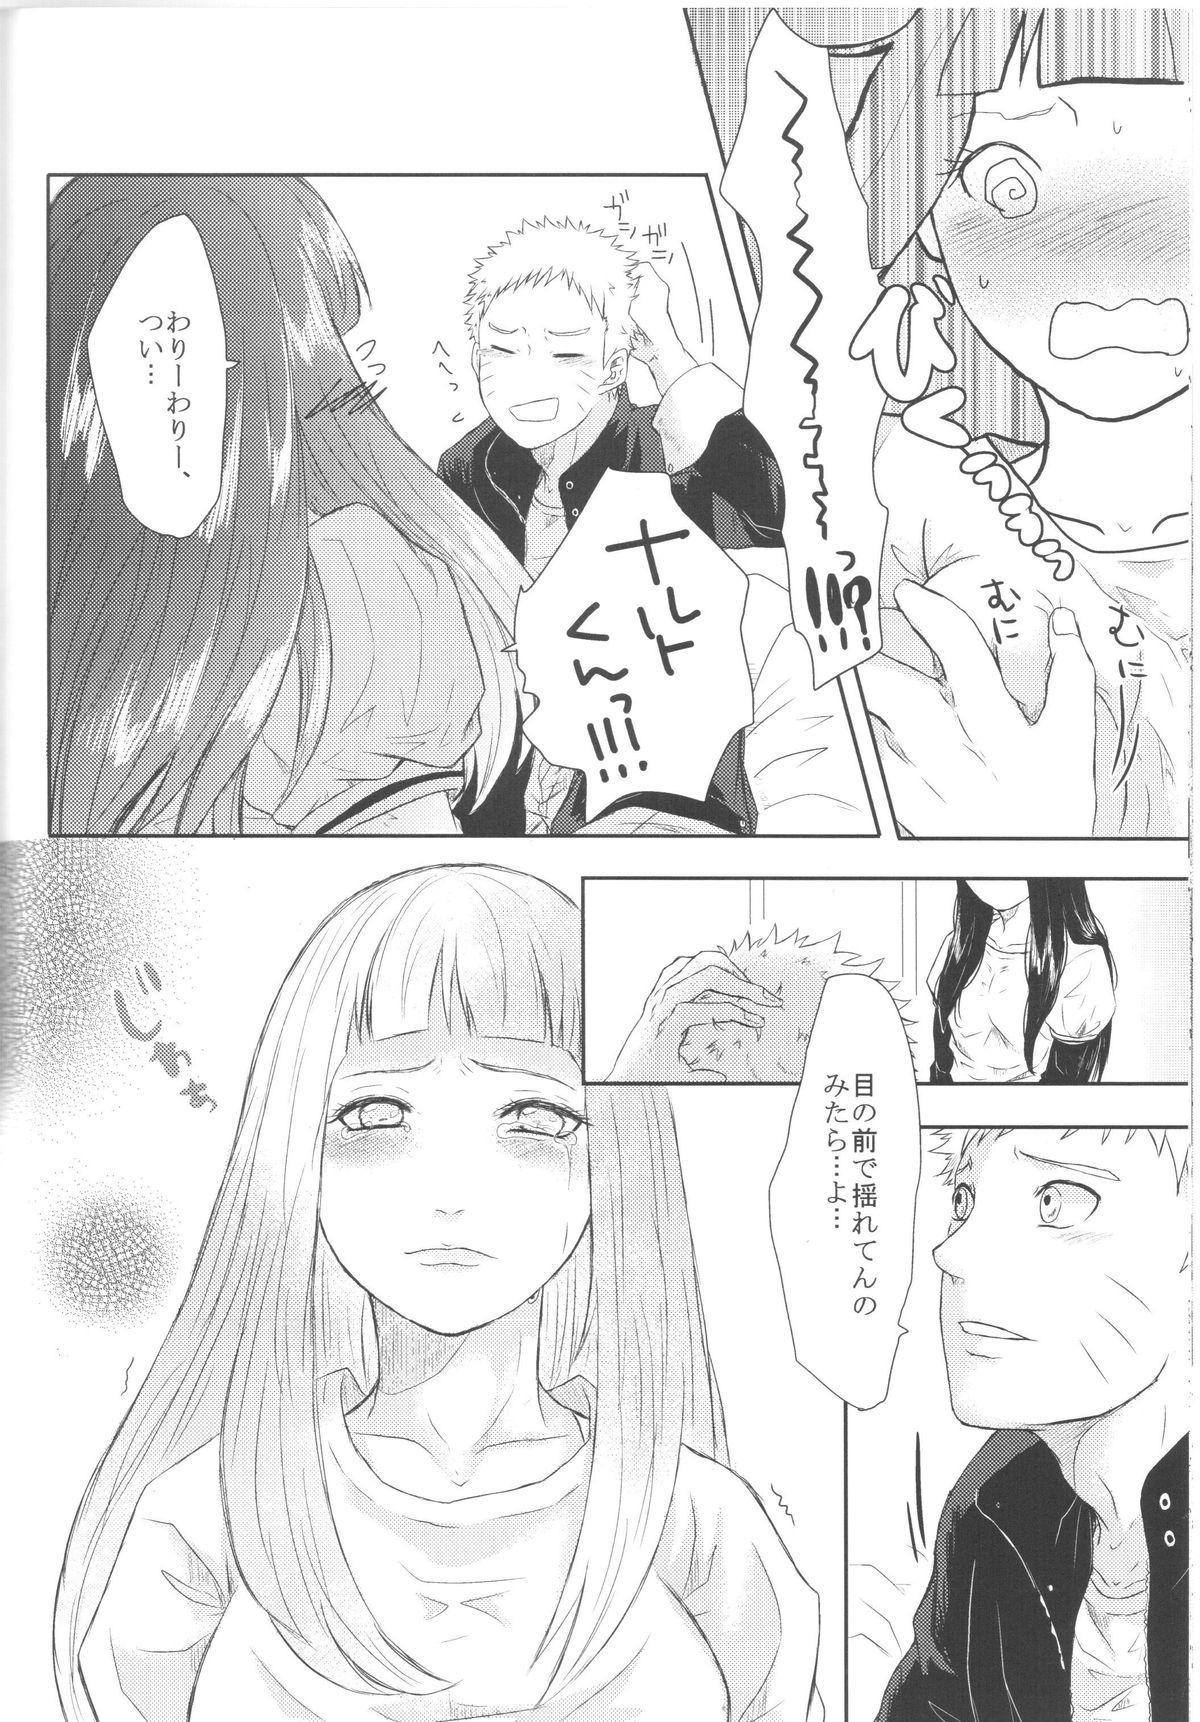 Naruto-kun no Ecchi!! 26